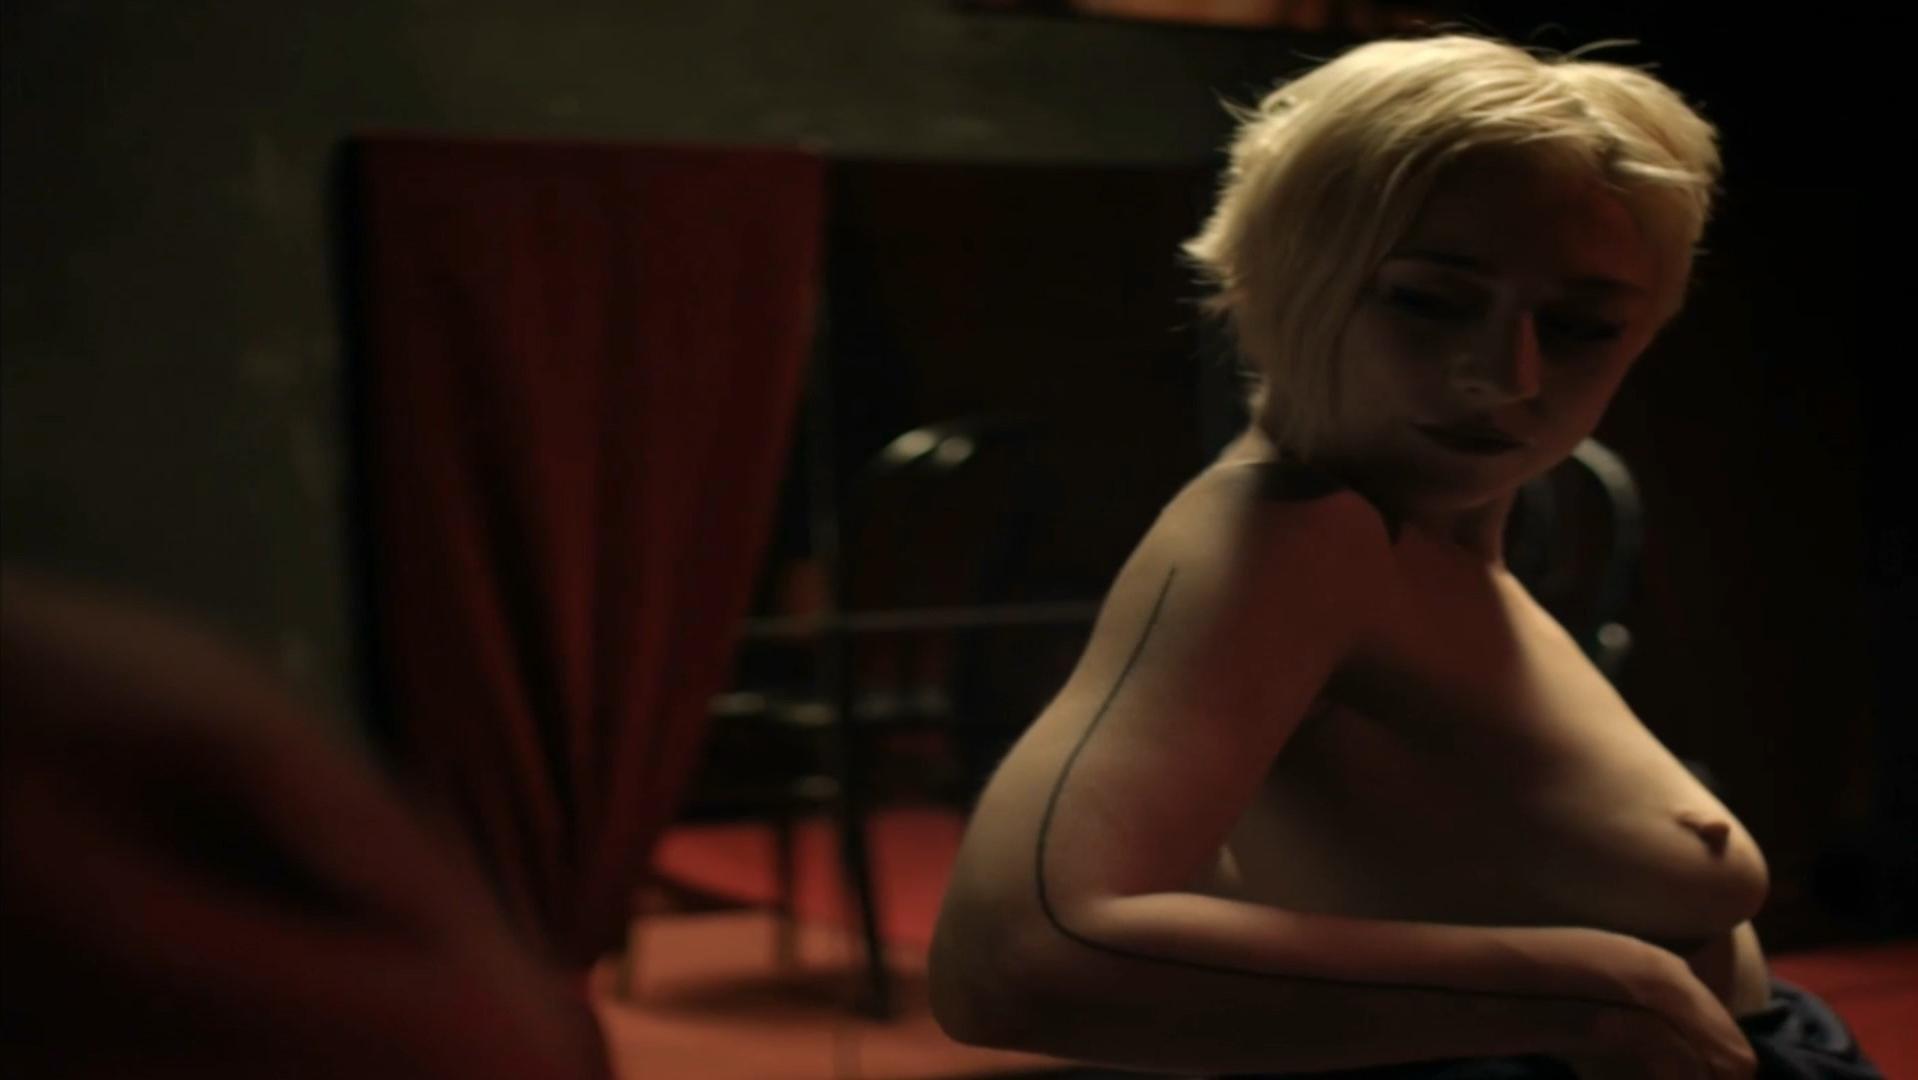 Anne heche nude cedar rapids - 3 part 3